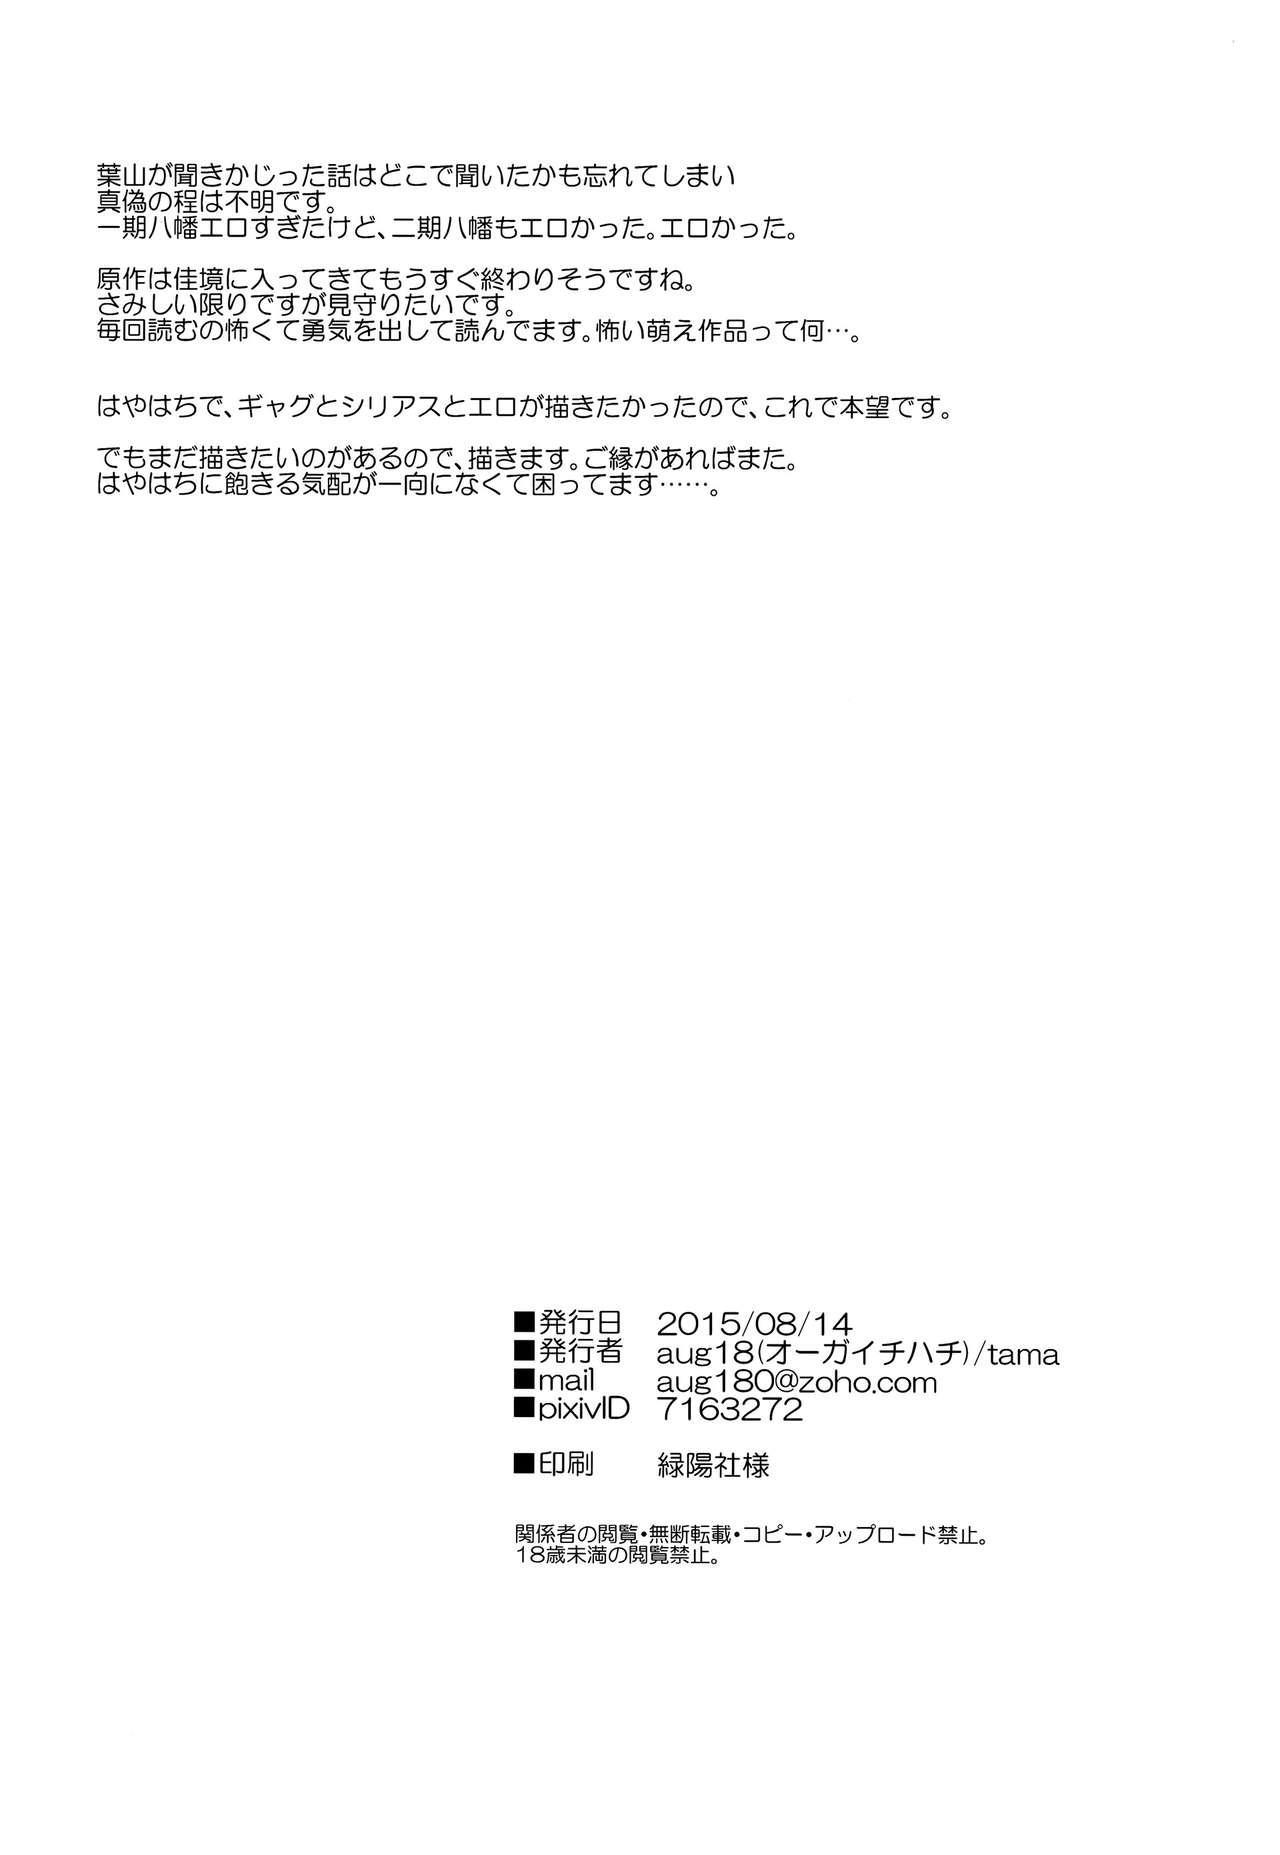 Shitsubou Suru Himamonai 32